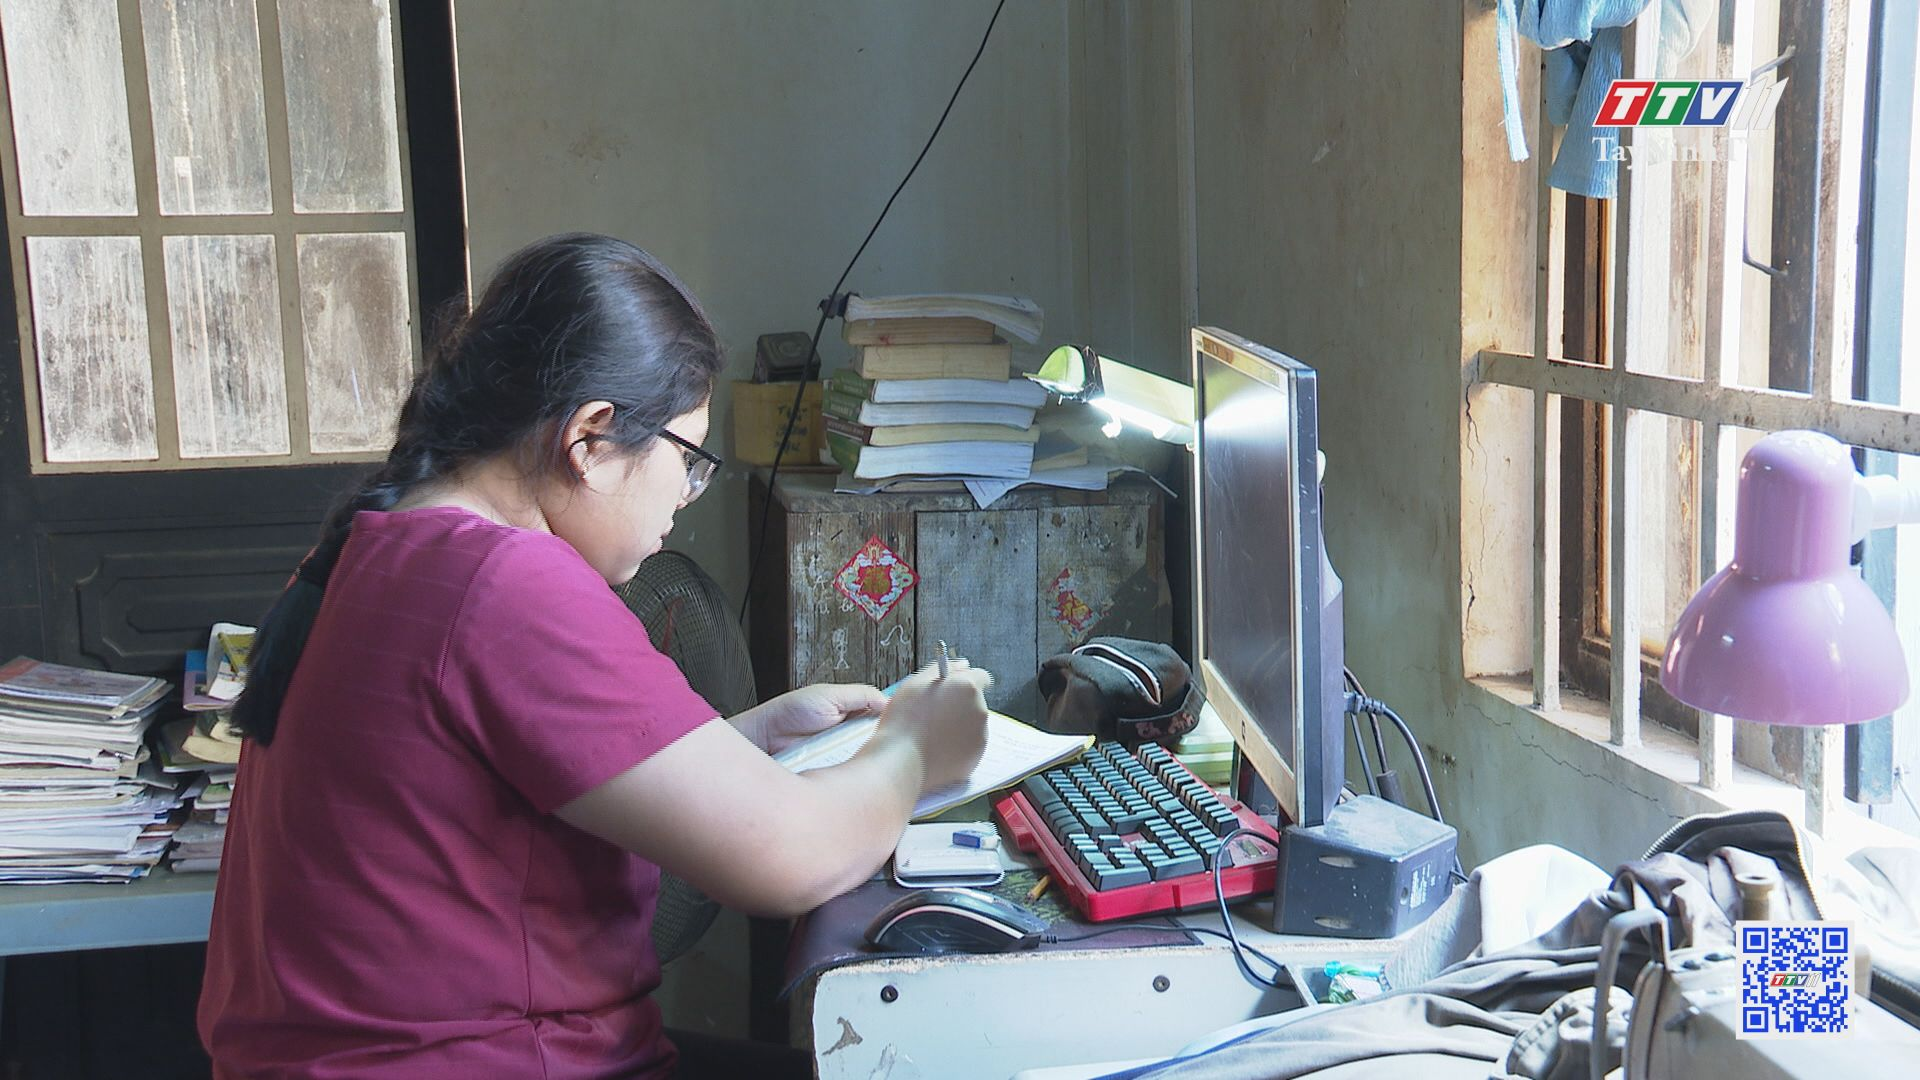 Thúy Anh-Cô học trò vươn lên từ nghịch cảnh | KHUYẾN HỌC KHUYẾN TÀI | TayNinhTV